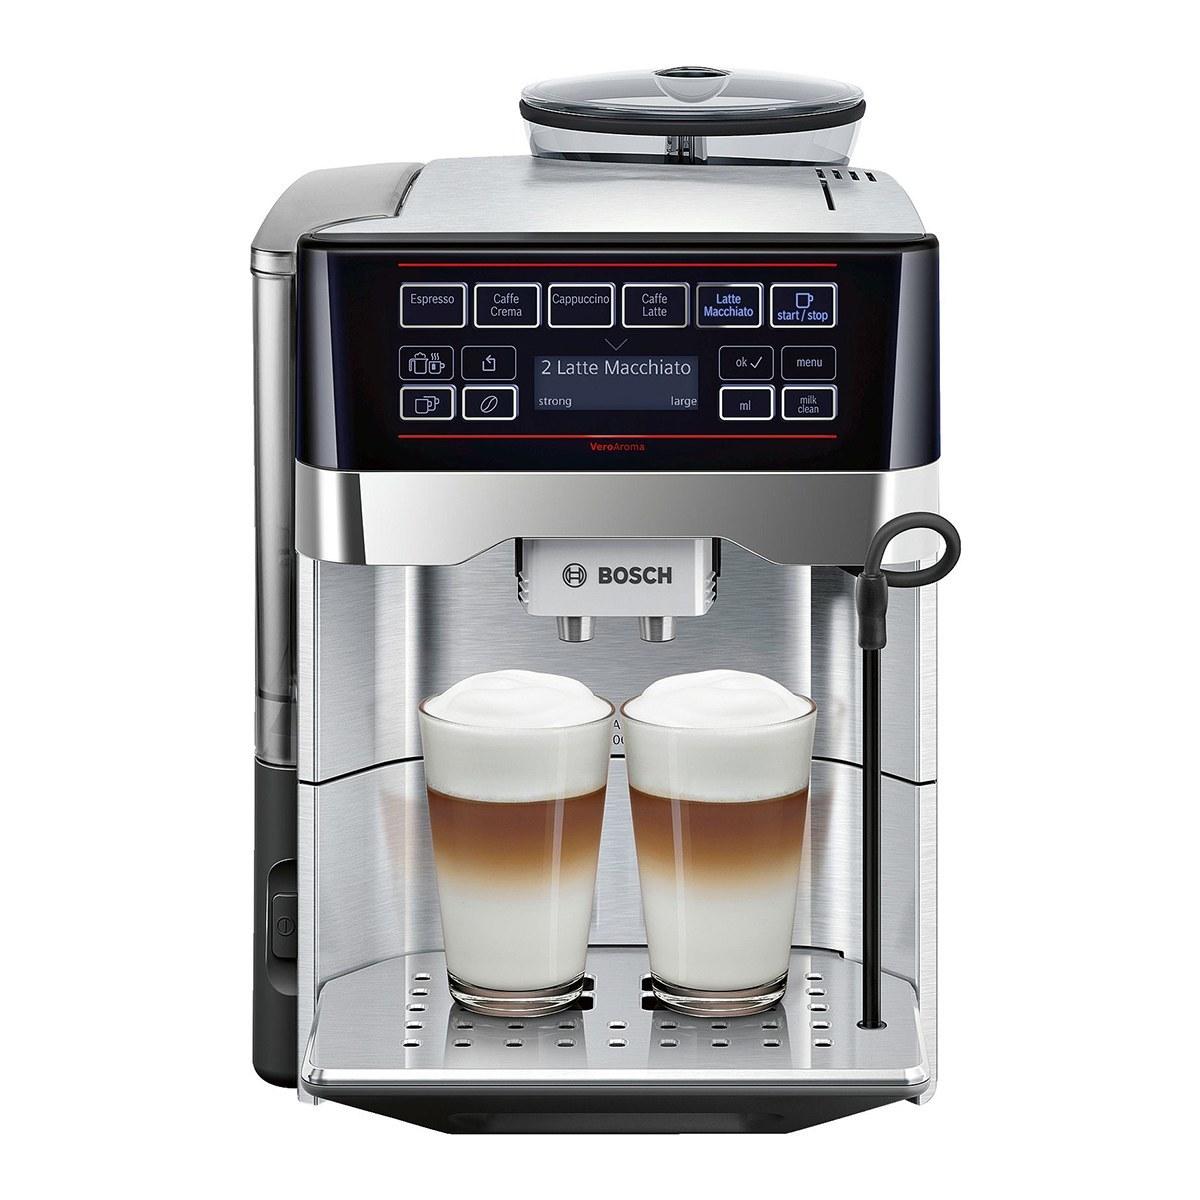 تصویر اسپرسوساز بوش مدل BOSCH TES60729RW BOSCH Espresso Maker TES60729RW